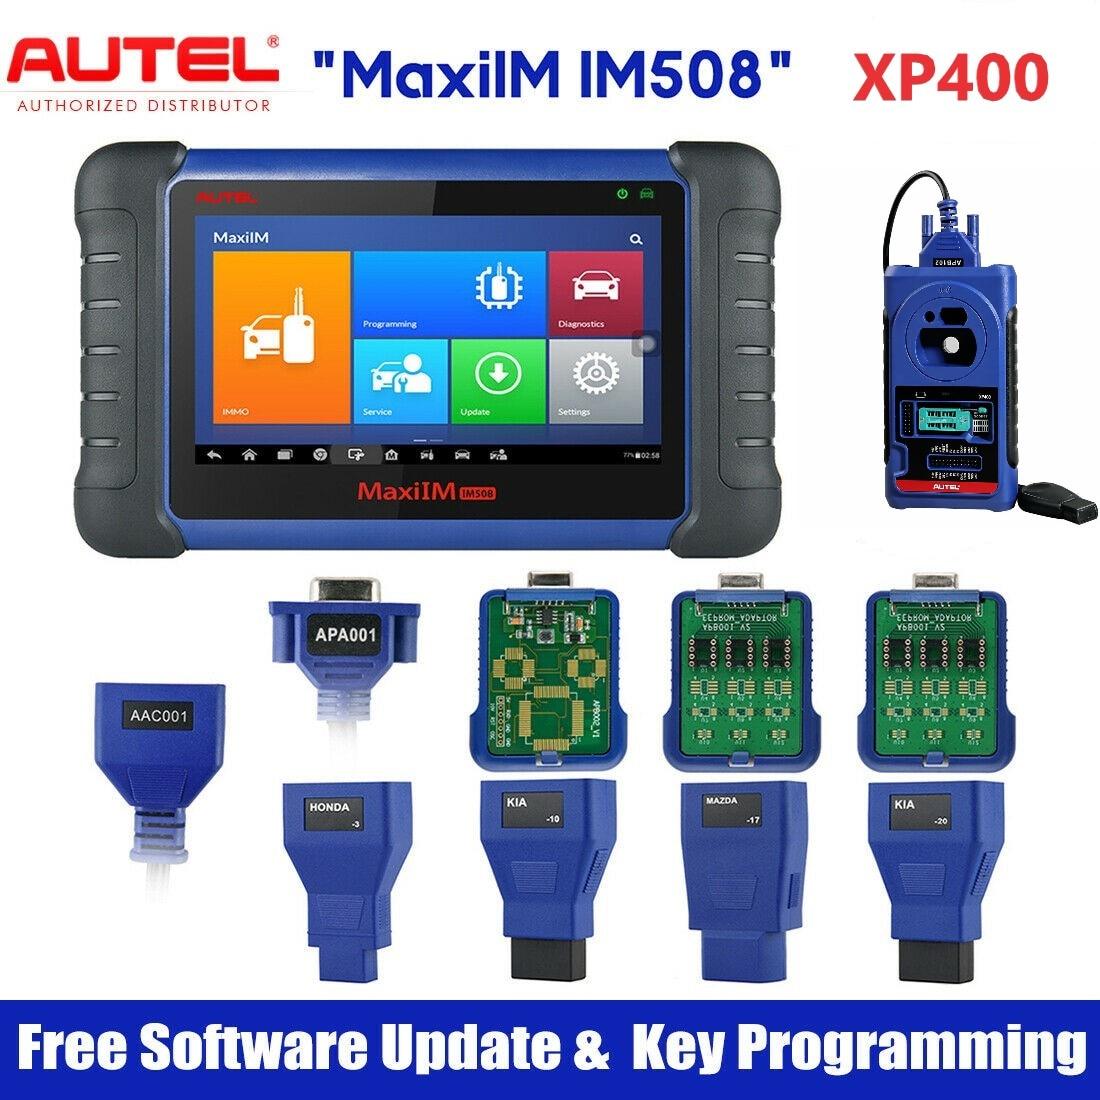 Autel IM508 & XP400 IMMO Key ...